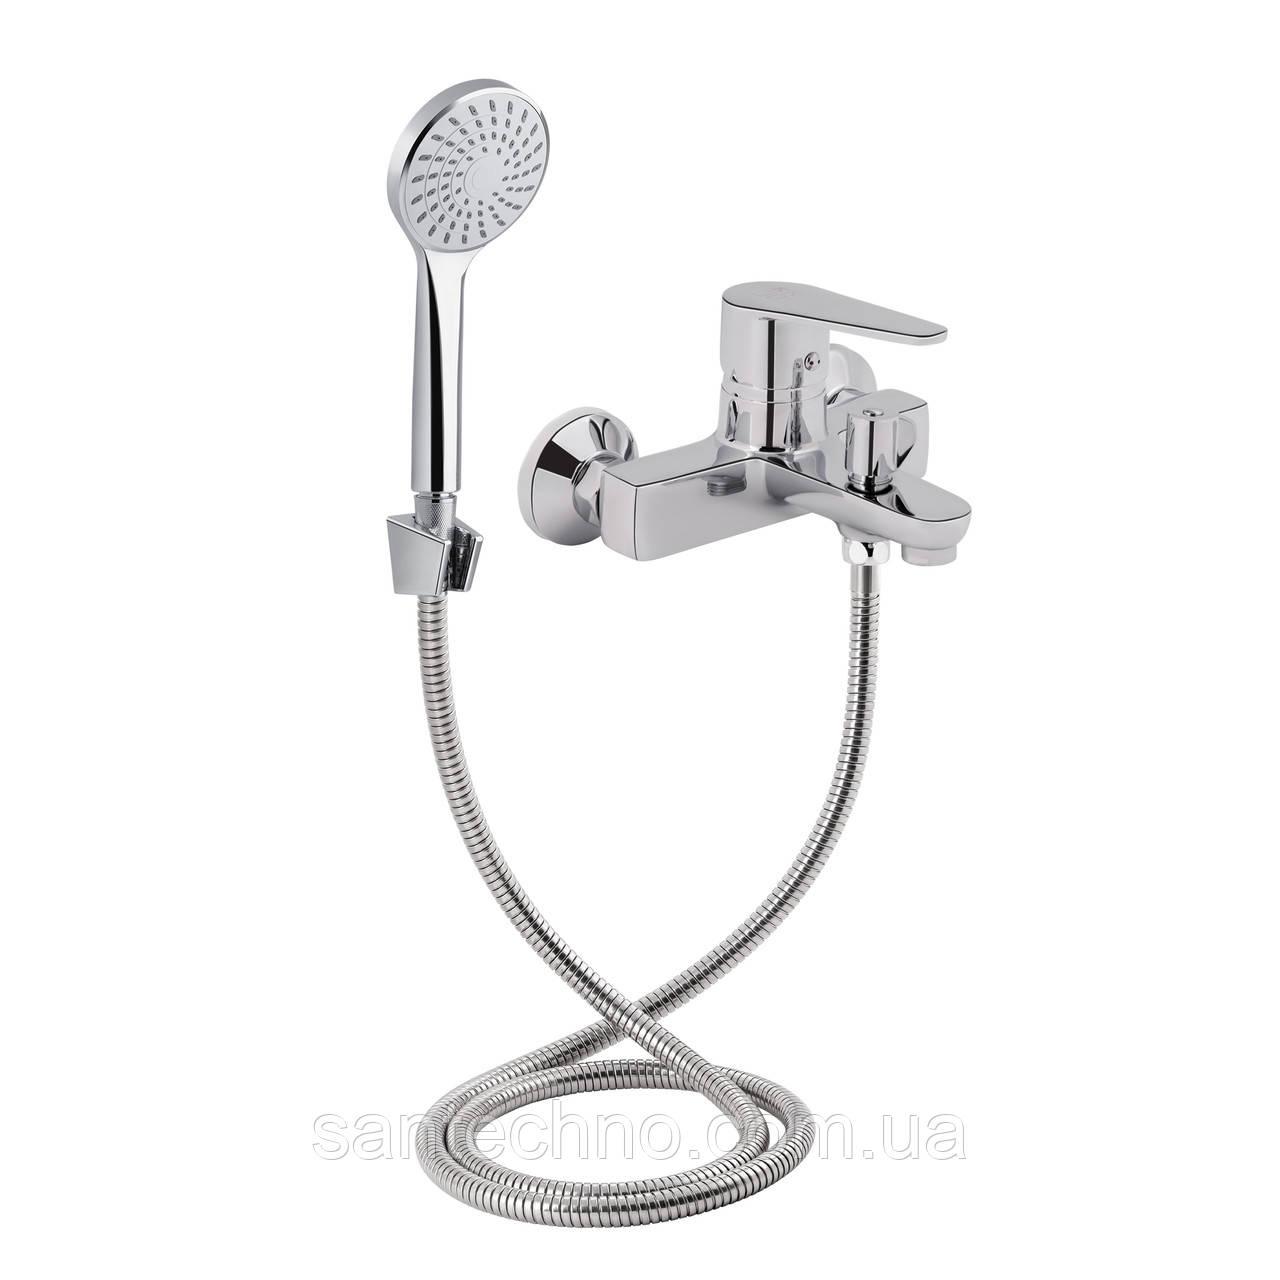 Змішувач для ванни Lidz (CRM) 46 78 006-1 New